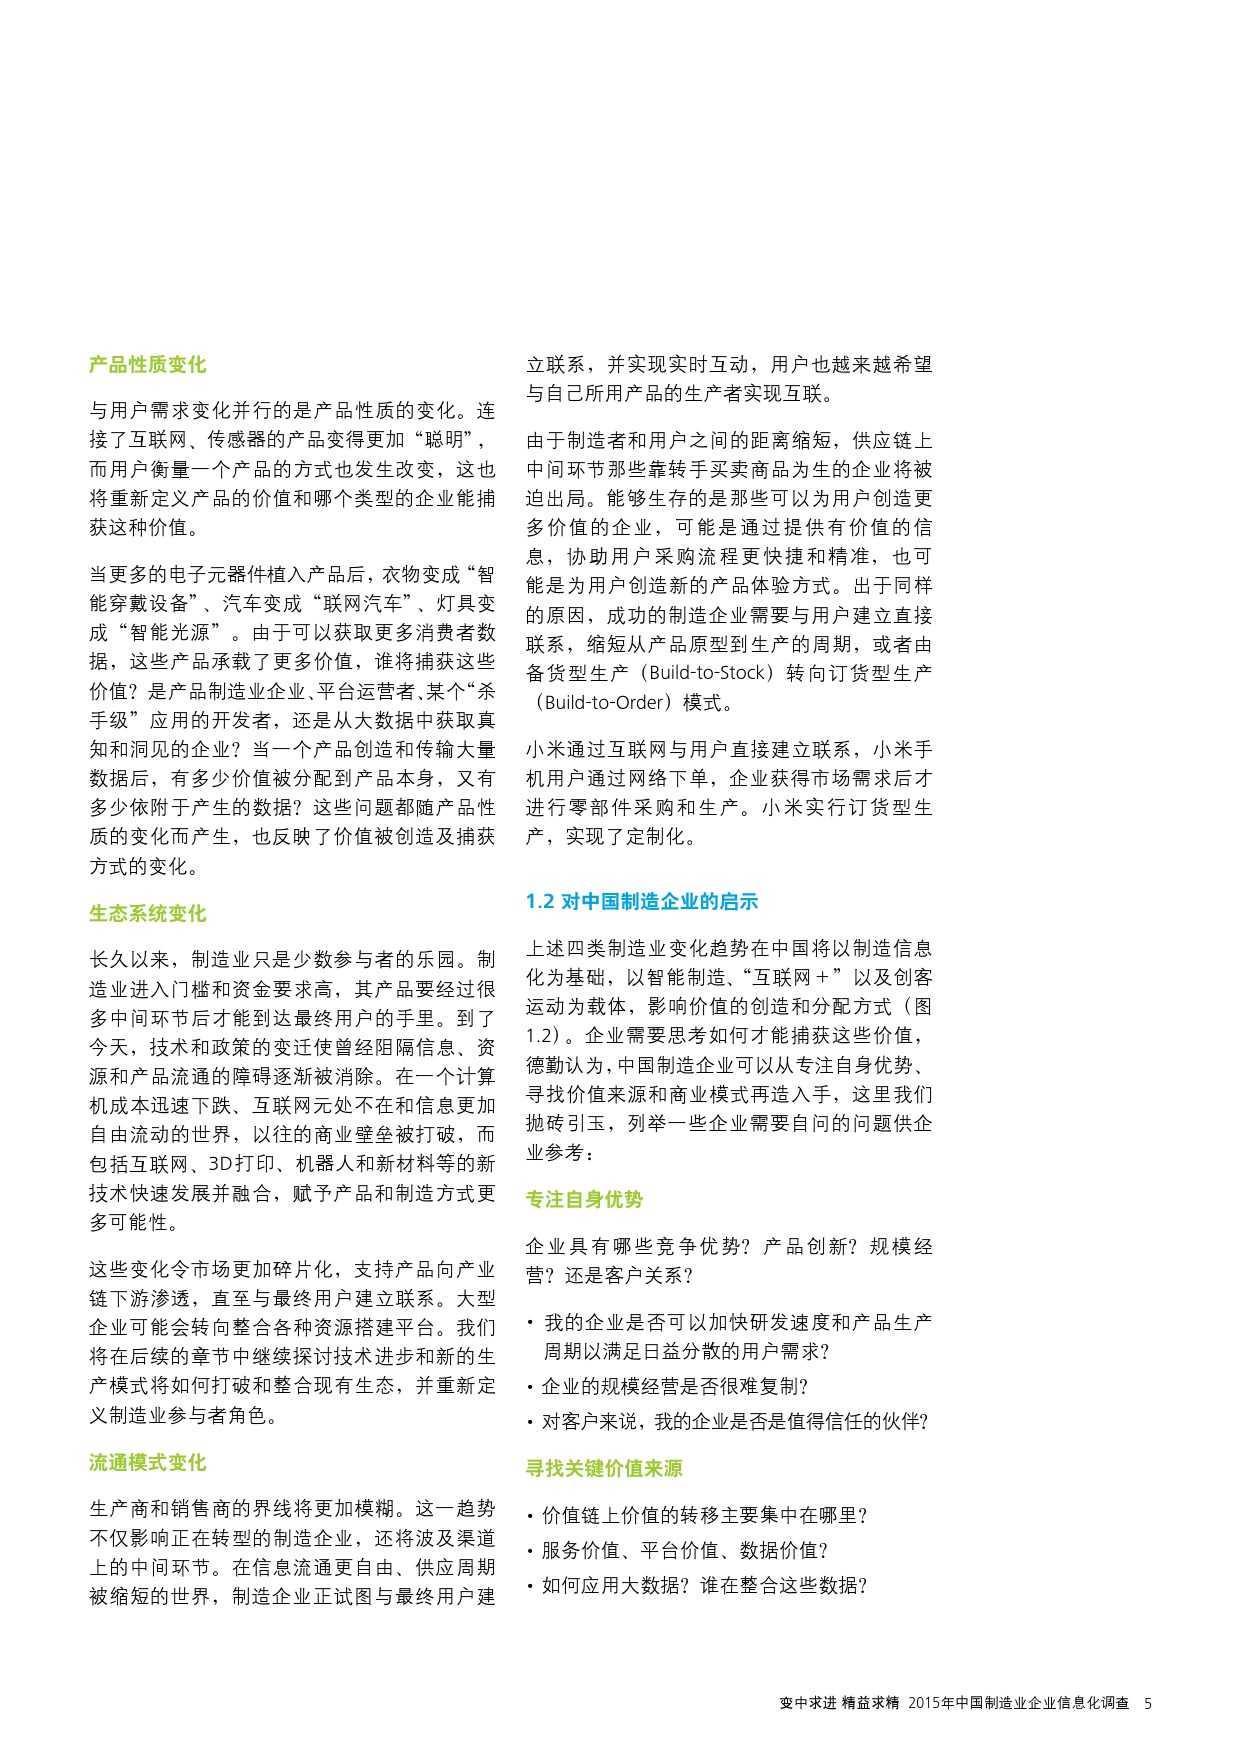 2015年中国制造业企业信息化调查_000007